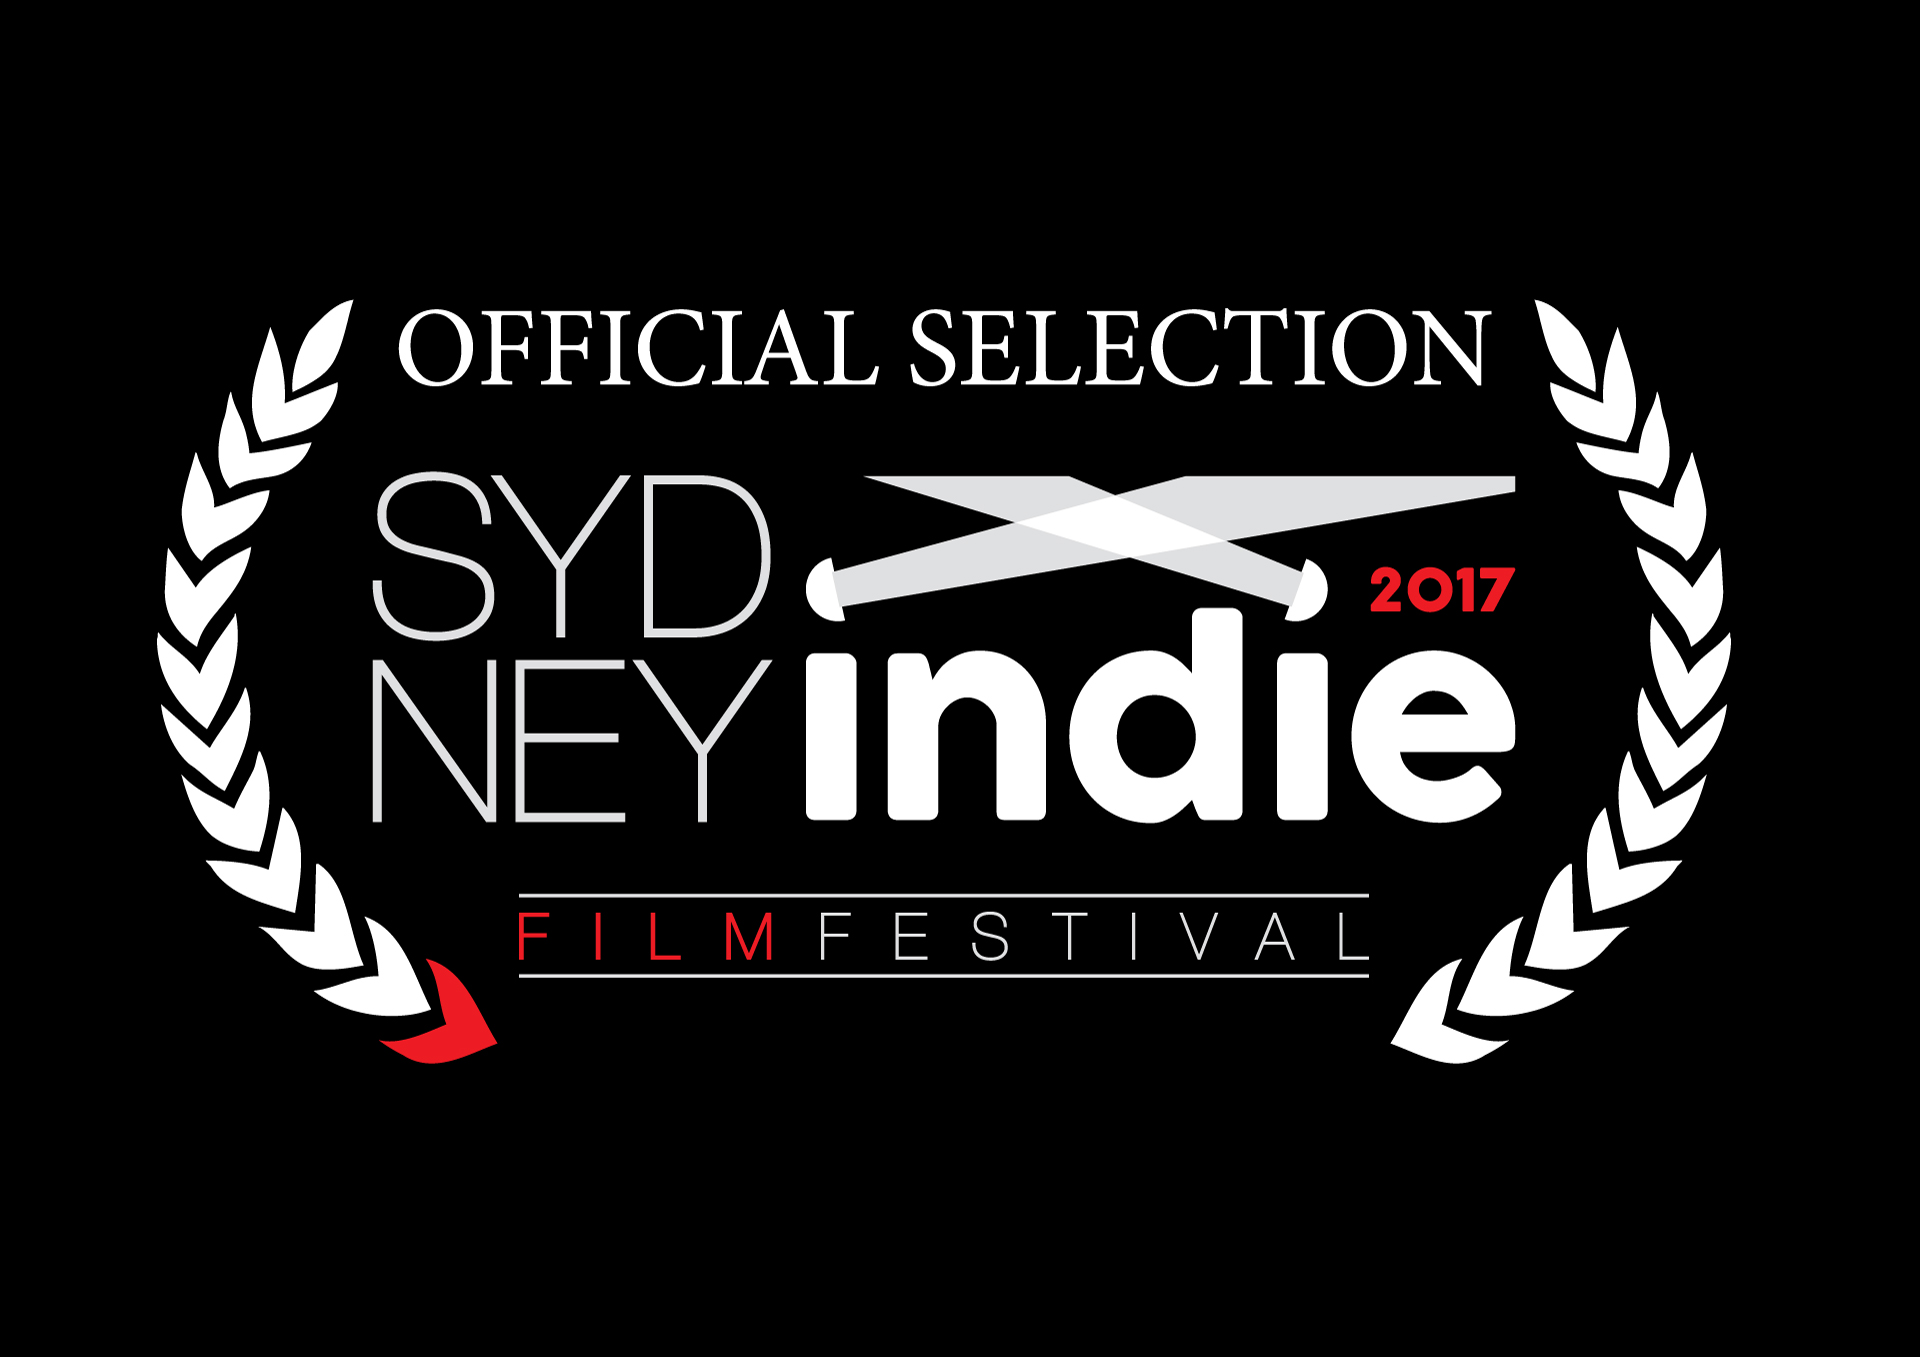 Sydney-Indie-Film-Festival-OFFICIAL-SELECTION-Laurels.jpg